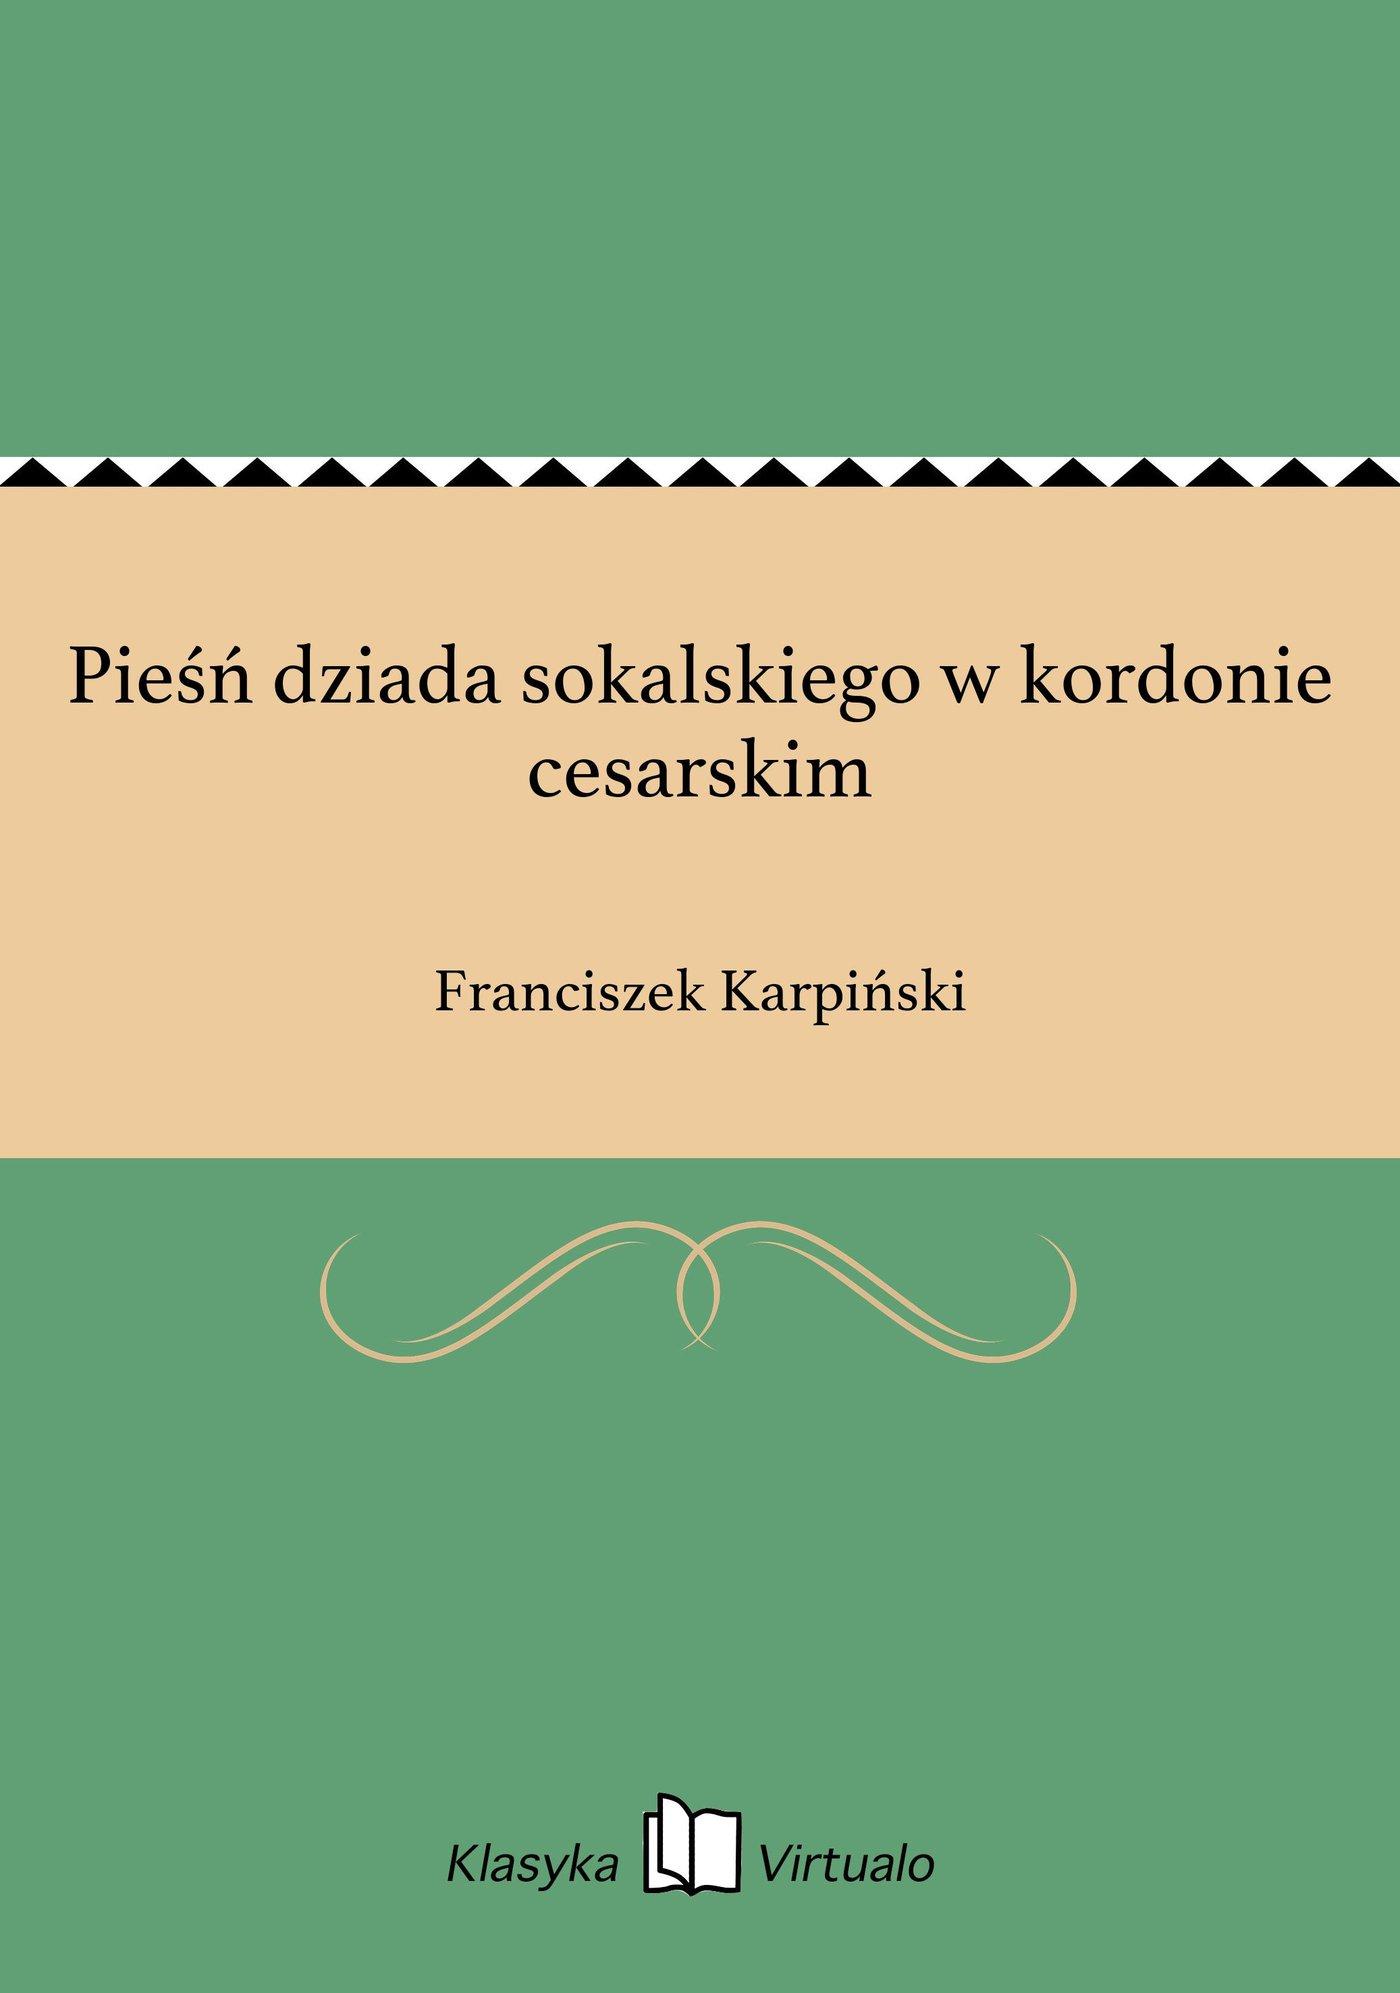 Pieśń dziada sokalskiego w kordonie cesarskim - Ebook (Książka EPUB) do pobrania w formacie EPUB